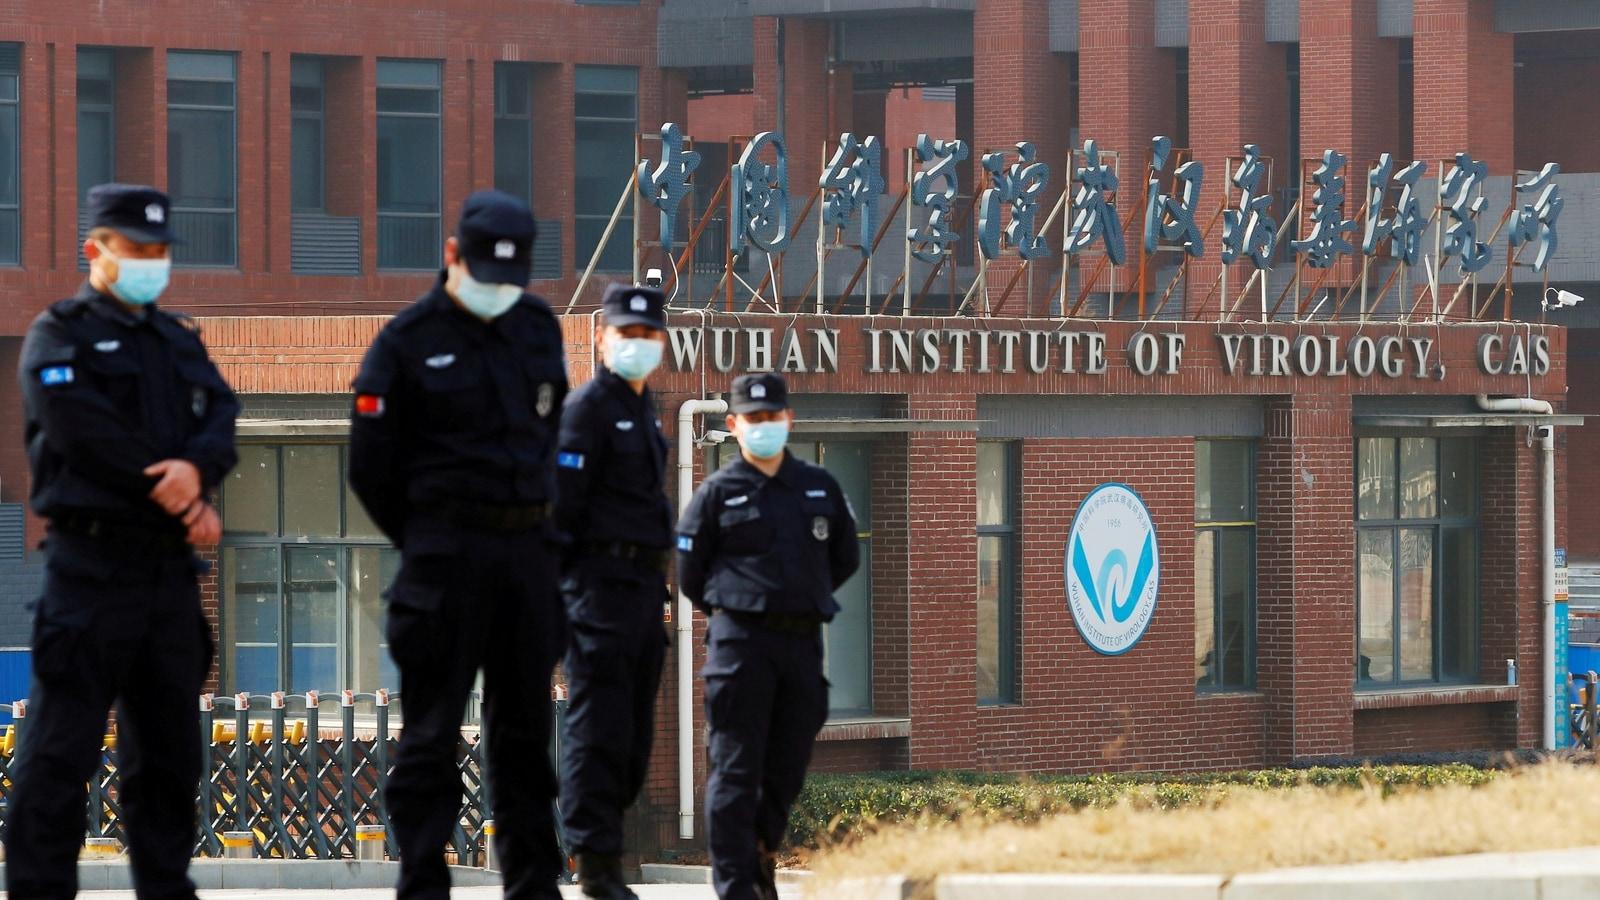 DSÖ: 'Sıfırıncı hasta' Wuhan laboratuvarından çıkmış olabilir